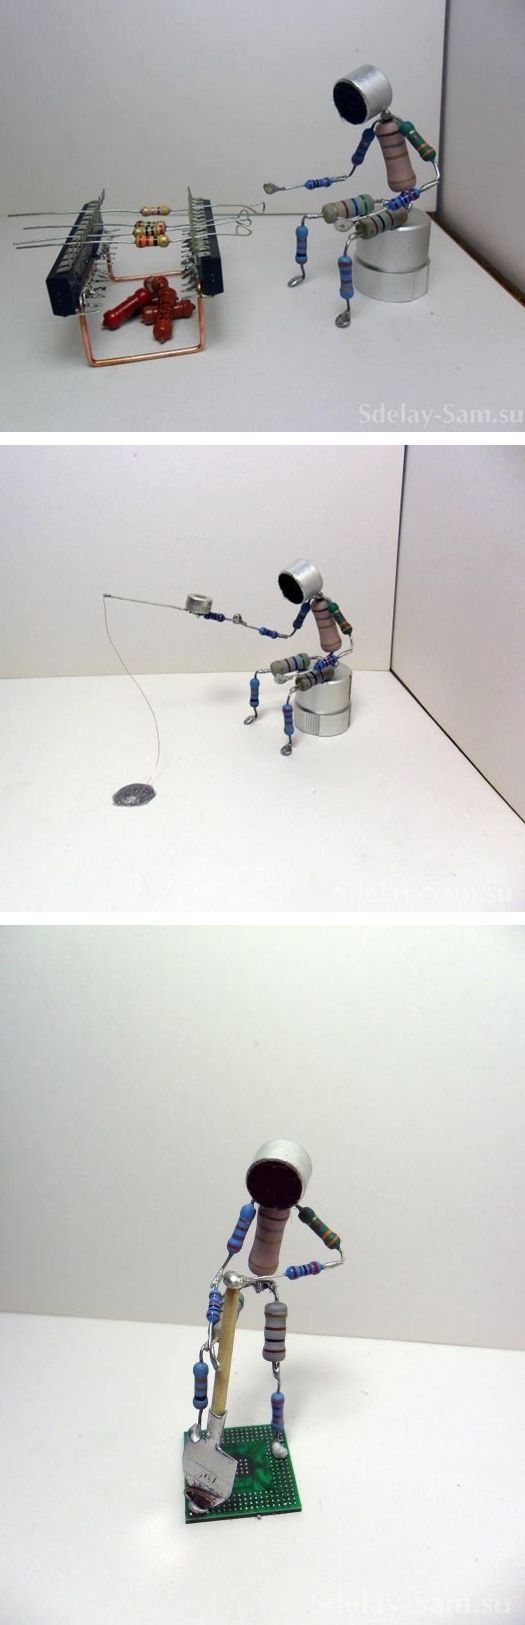 Elektronik komponentler ile hazırlanan ilginç figürler 2 – Elektronik Devreler Projeler http://www.deepbluediving.org/nitrox-guide/